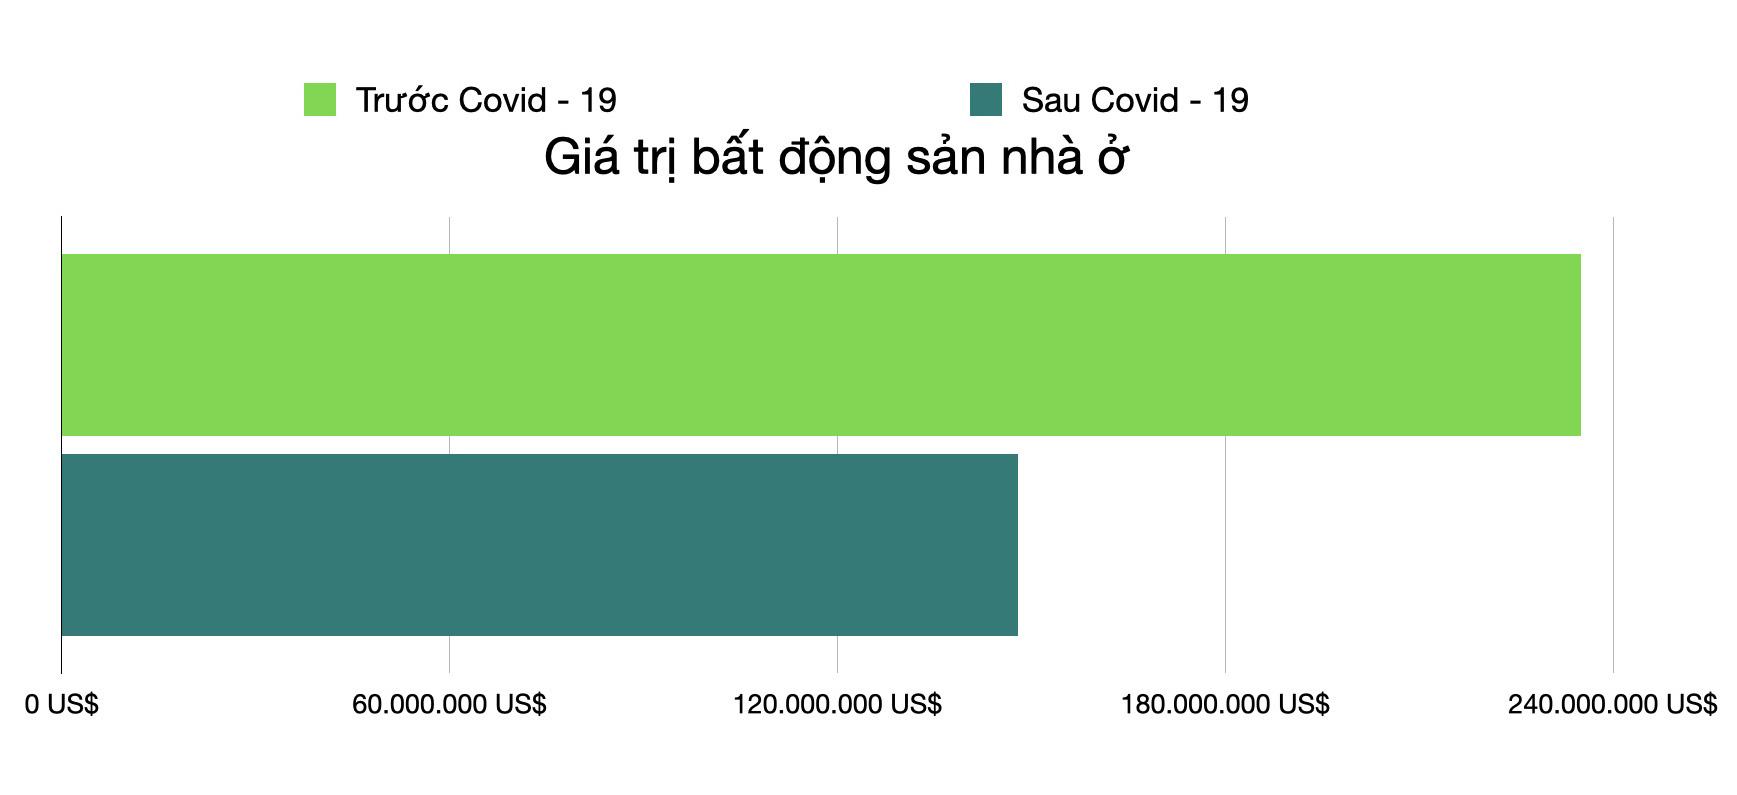 Mất hàng tỉ USD vì Covid - 19, ông Trump rời top 1.000 người giàu nhất thế giới - Ảnh 3.